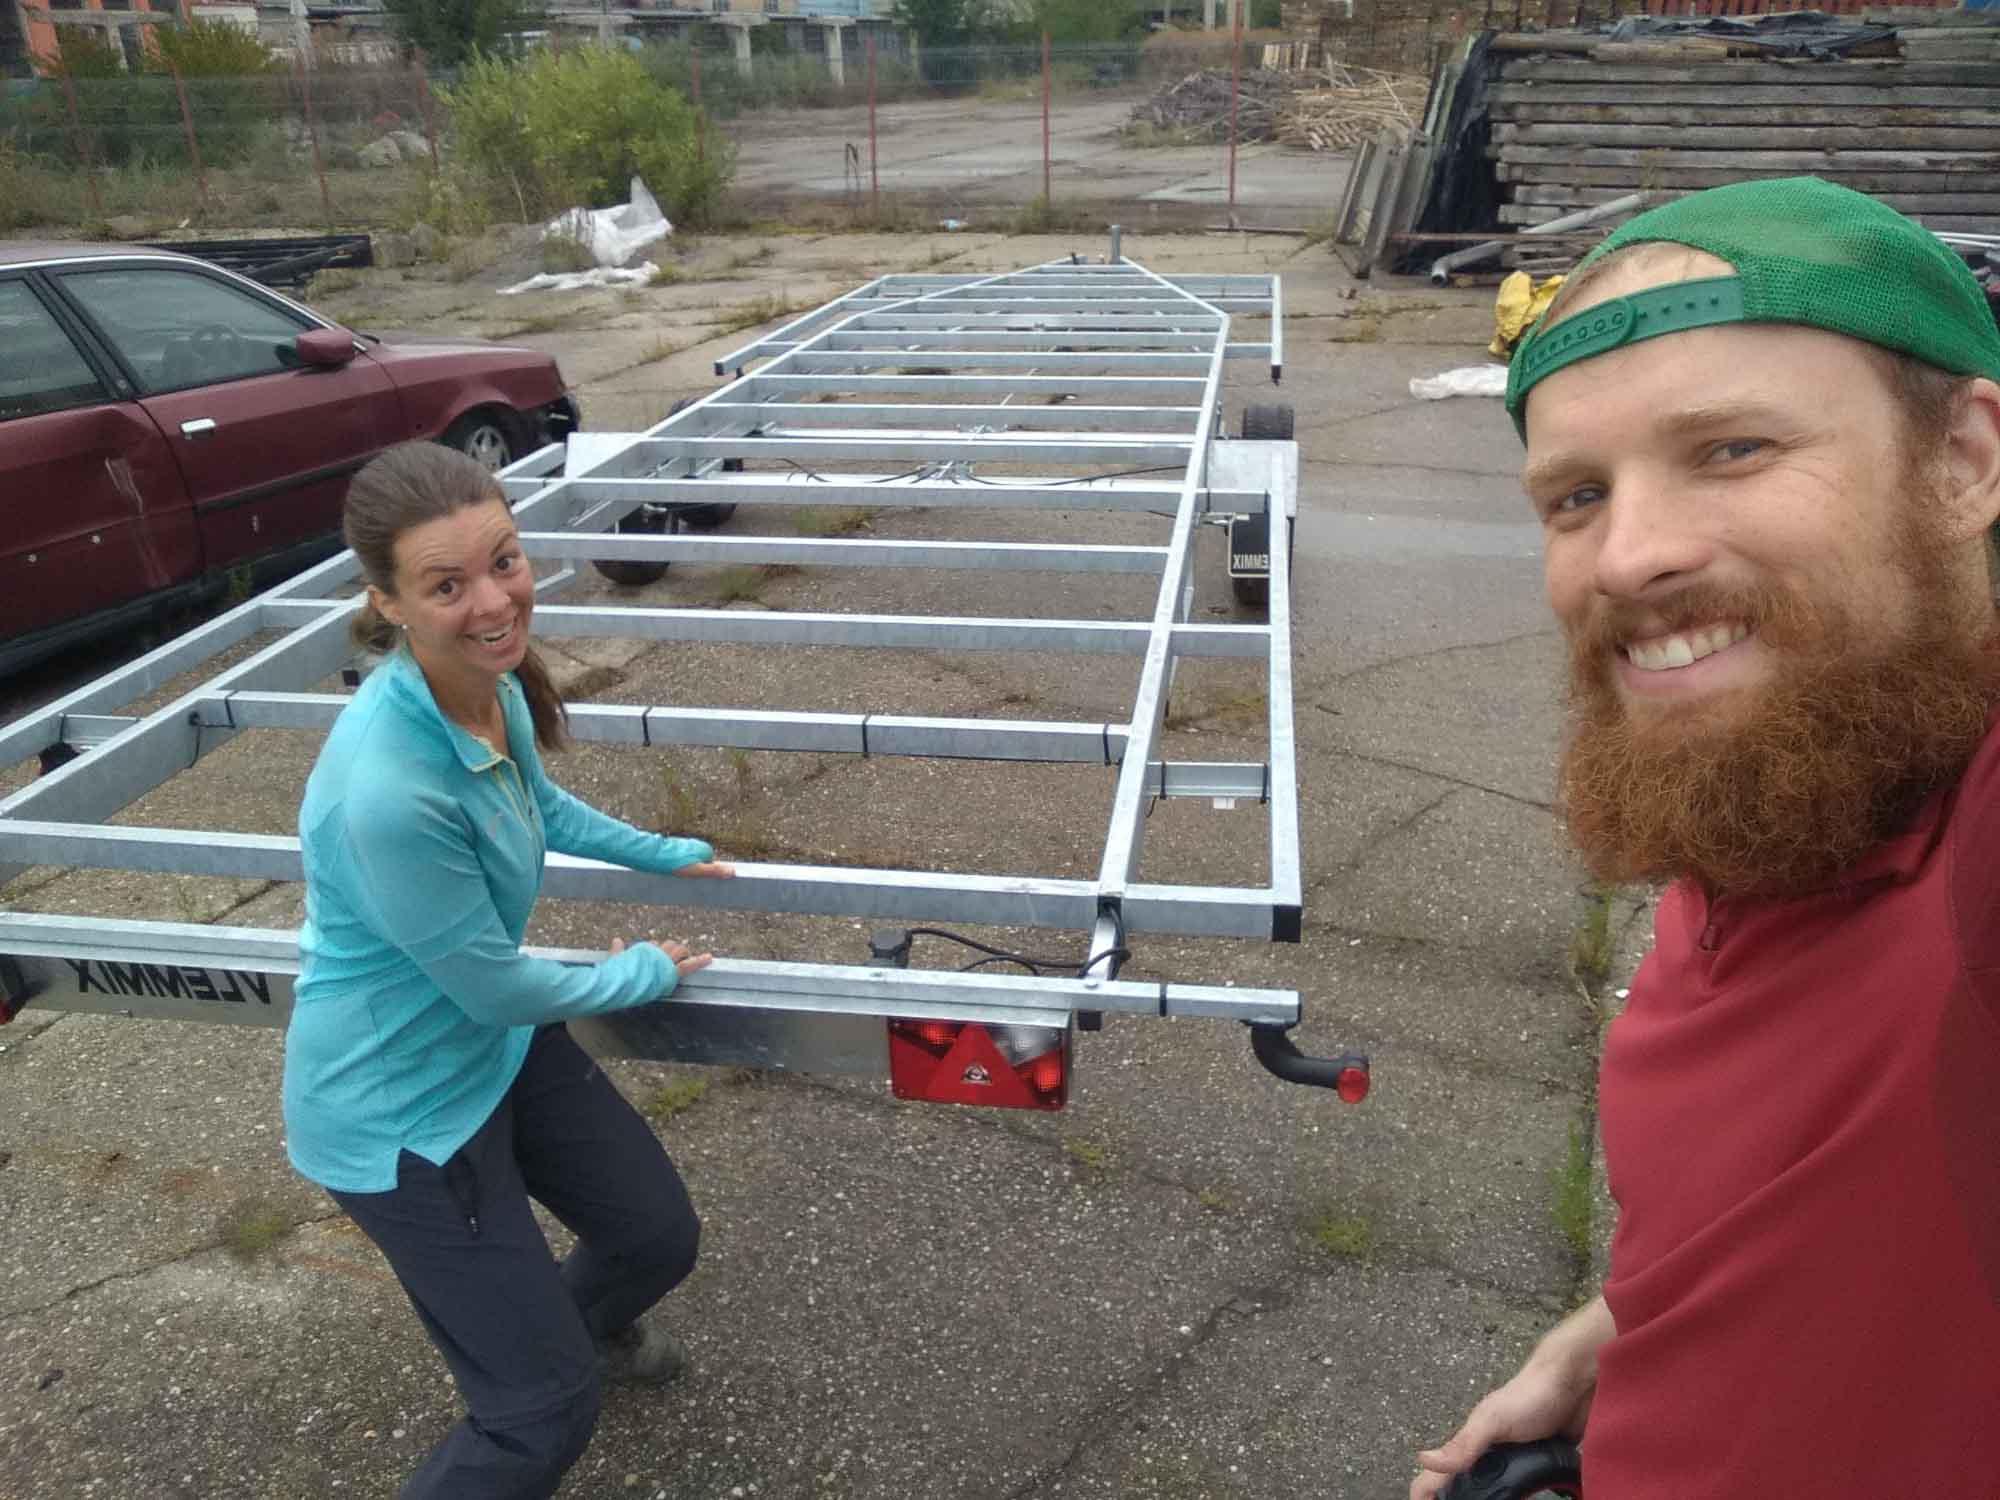 Zwei Personen in guter Stimmung vor einem 7,80m langen Tiny House Anhänger